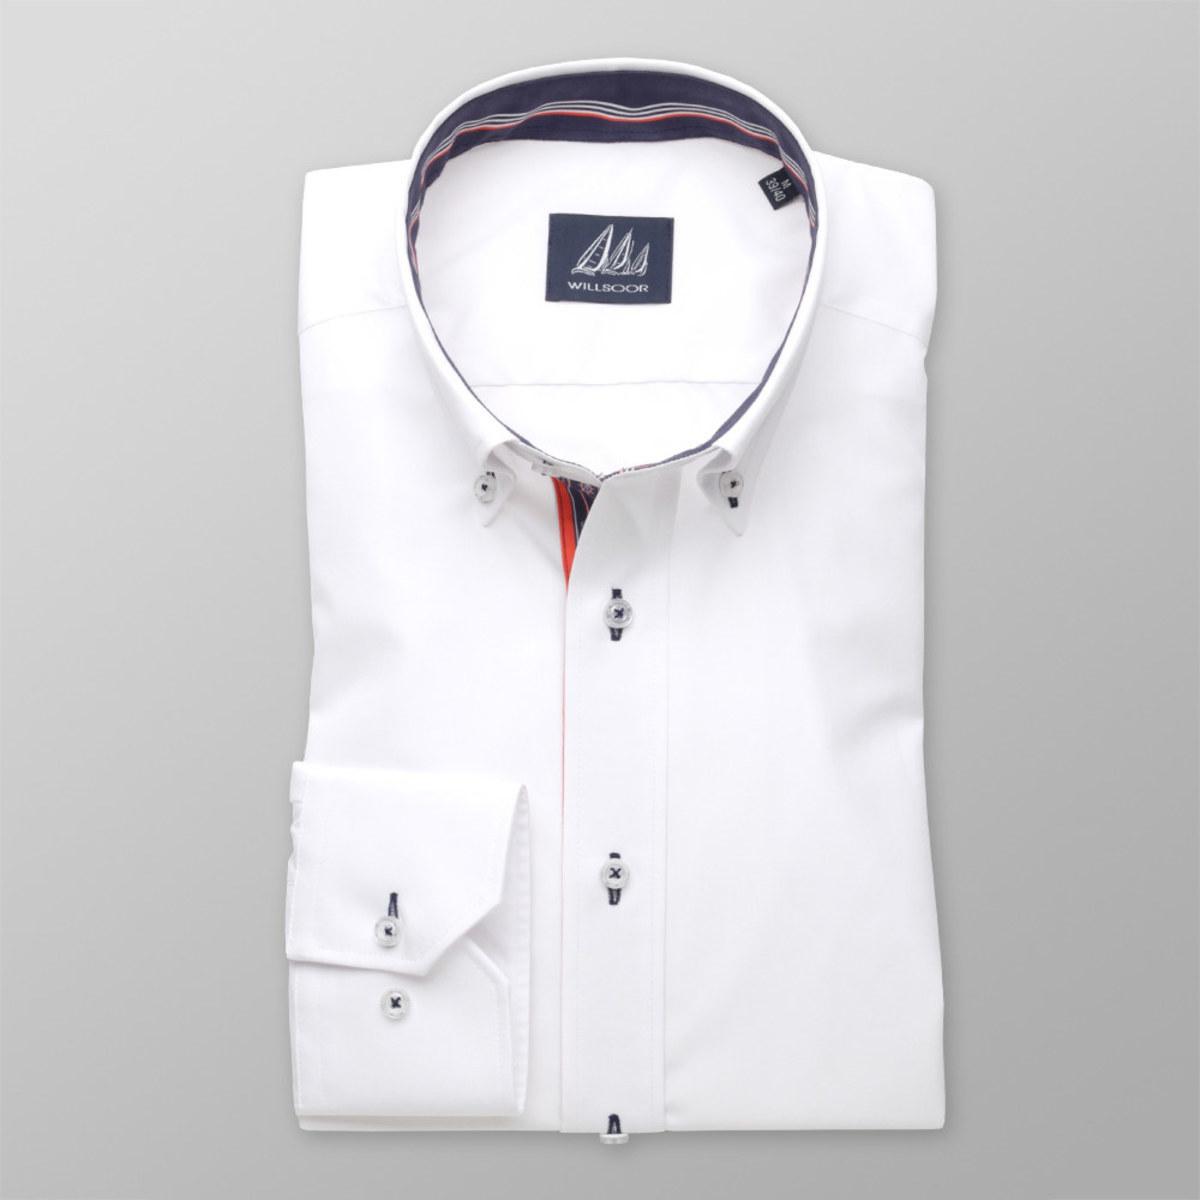 Pánská slim fit košile (výška 176-182 i 188-194) 8302 v bílé barvě 188-194 / S (37/38)